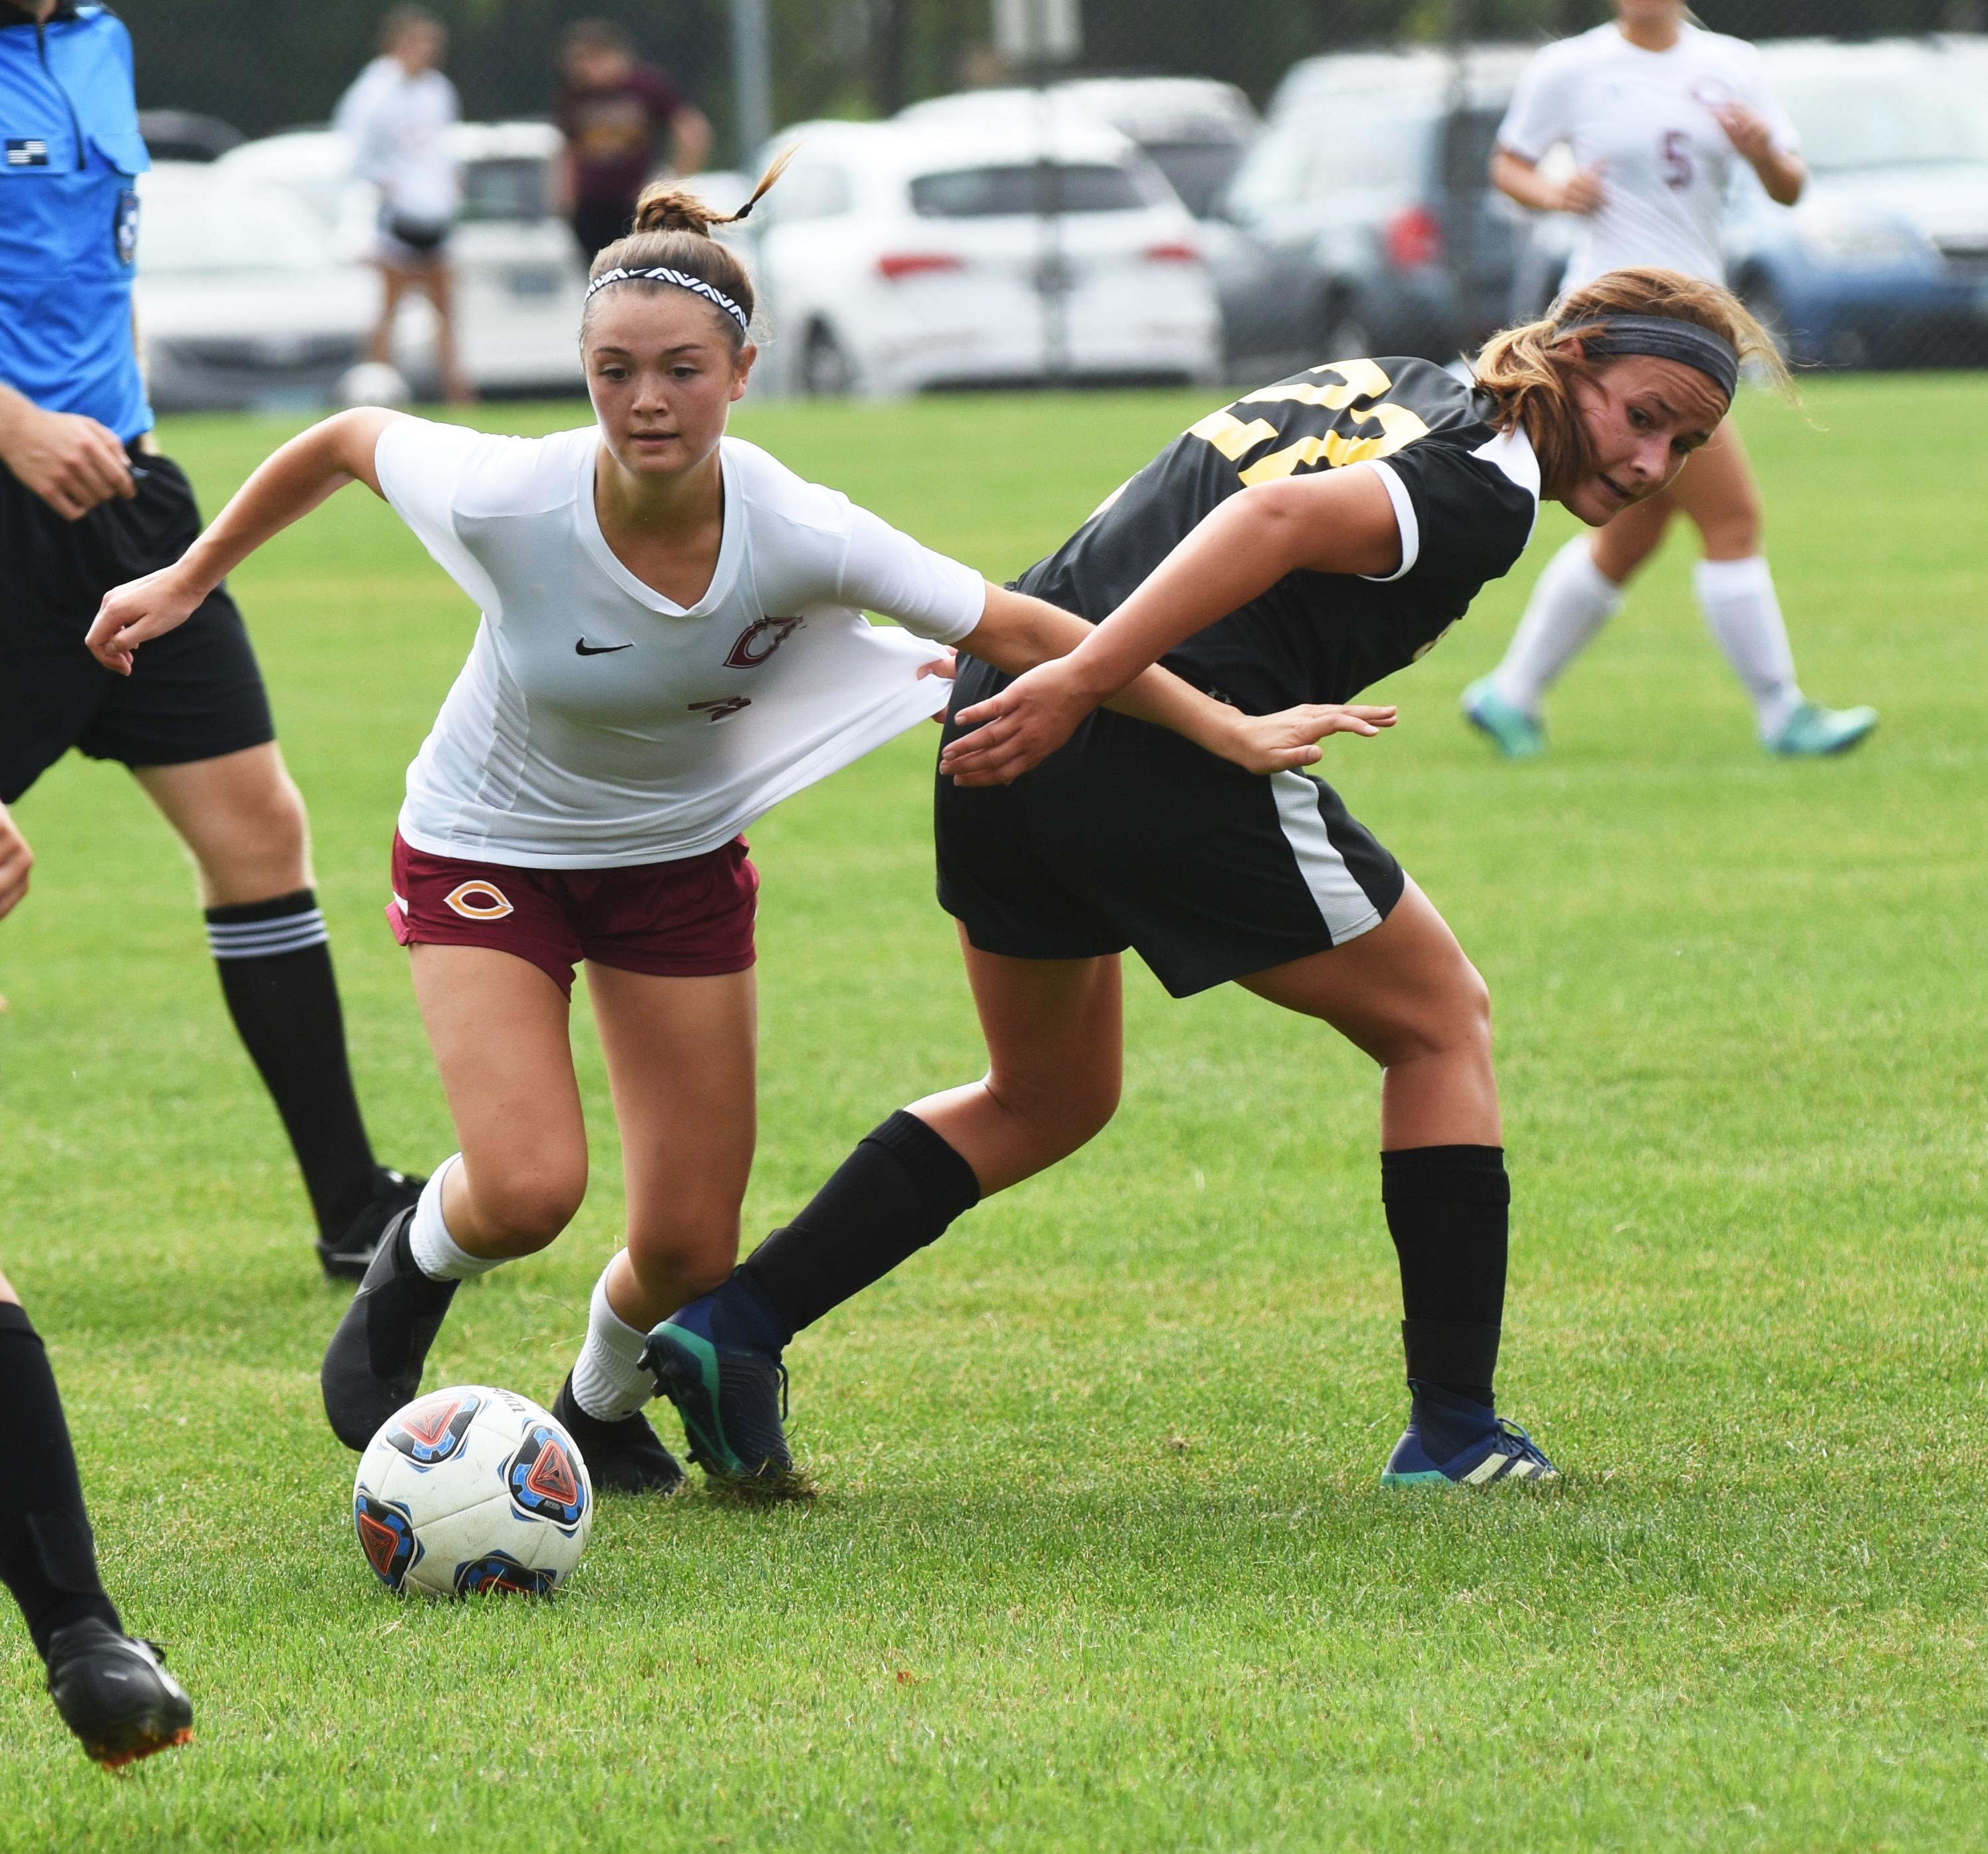 O'Shurak leads women's soccer